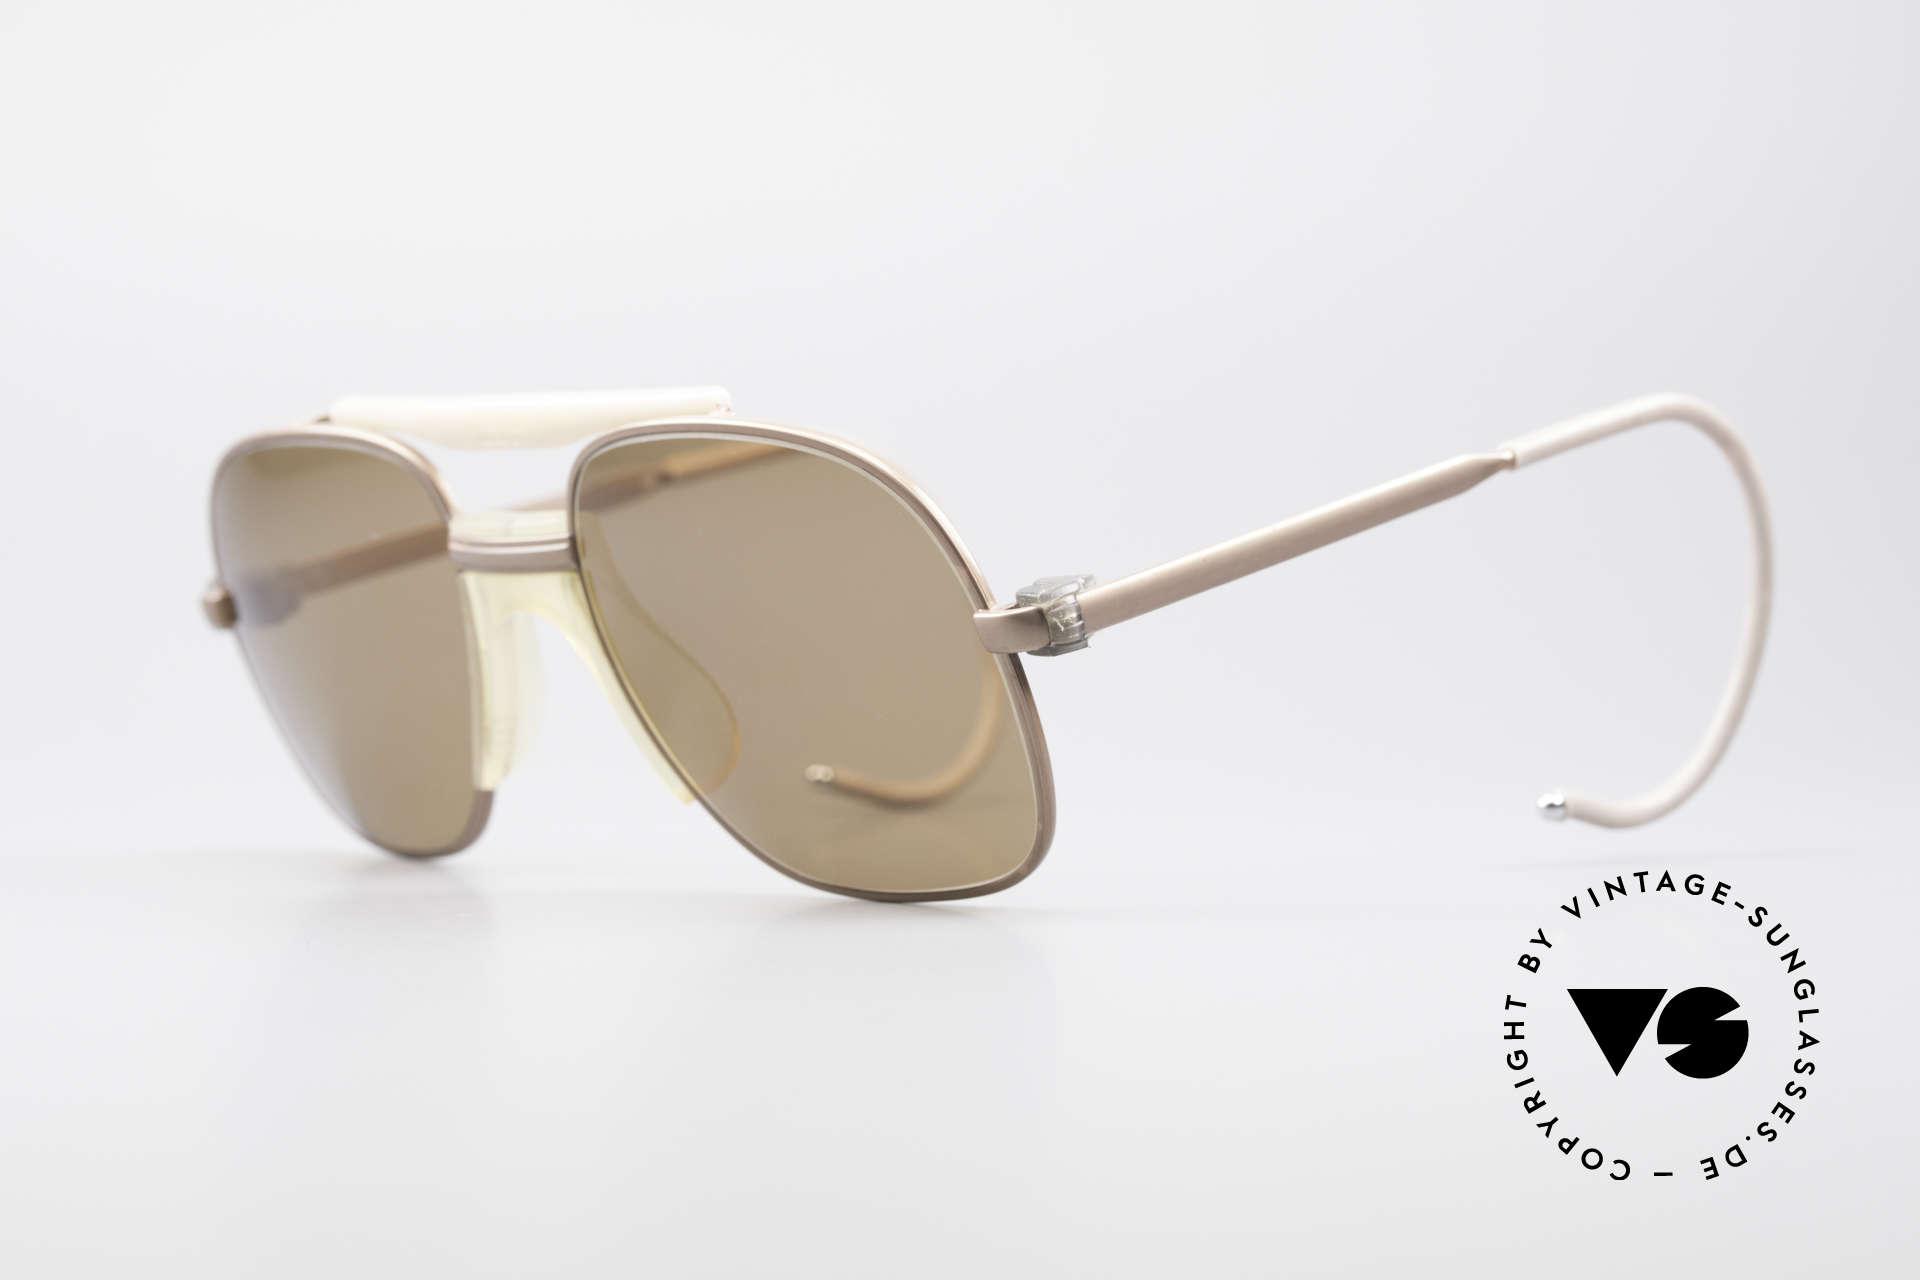 Zeiss 7037 Old School Sportbrille, flexible Sport-Bügel für idealen Halt & 100% UV Schutz, Passend für Herren